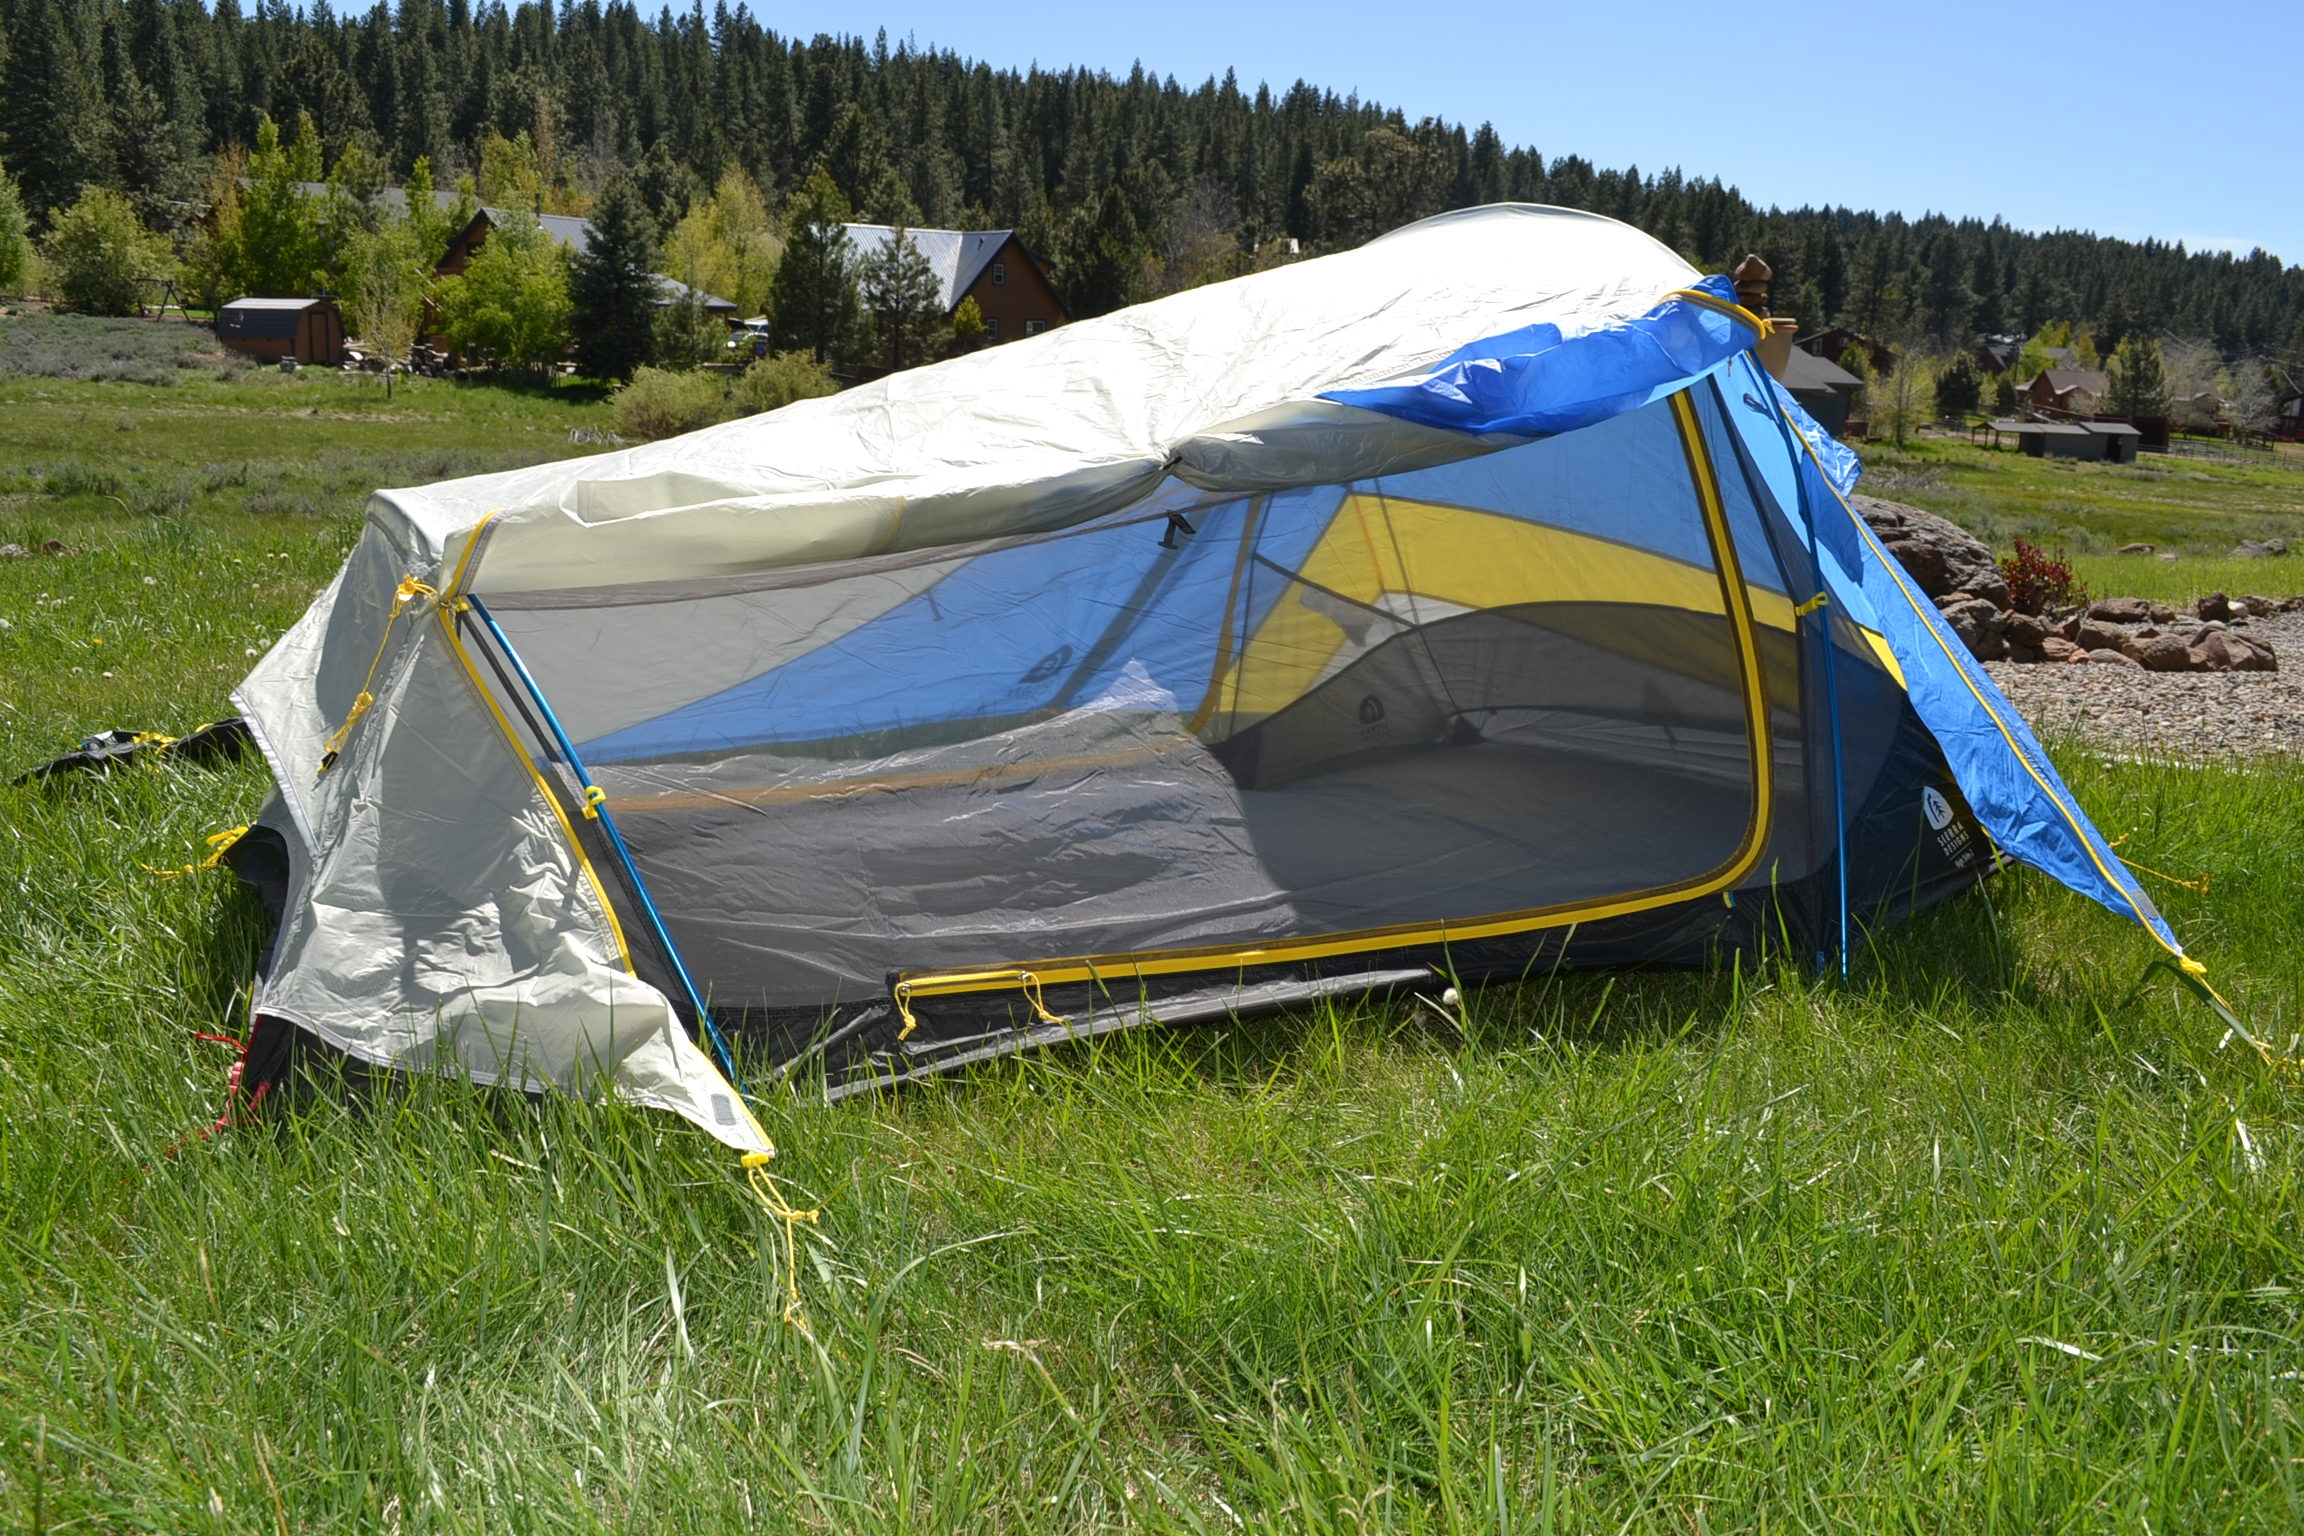 Sierra Designs High Side 2 Tent - open vestibule